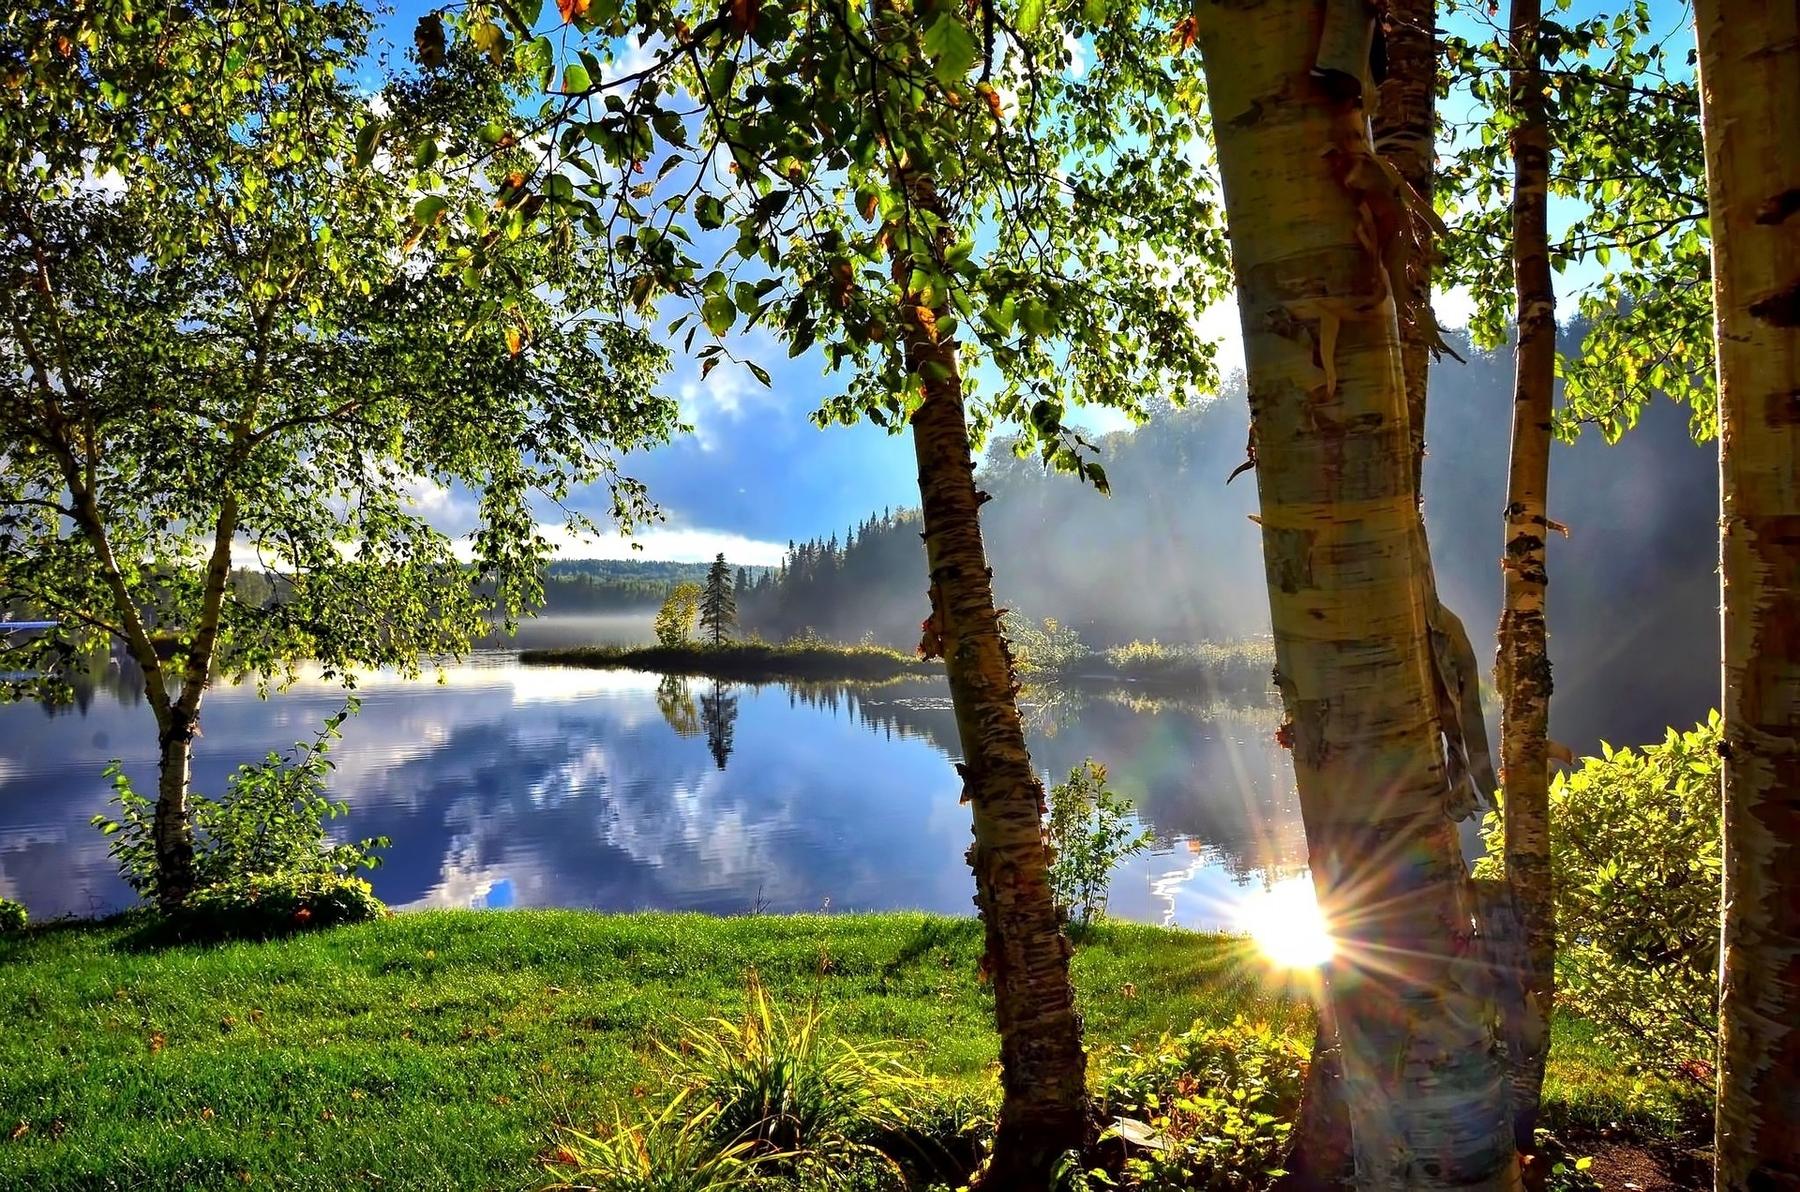 Озеро и лес с березами и елями